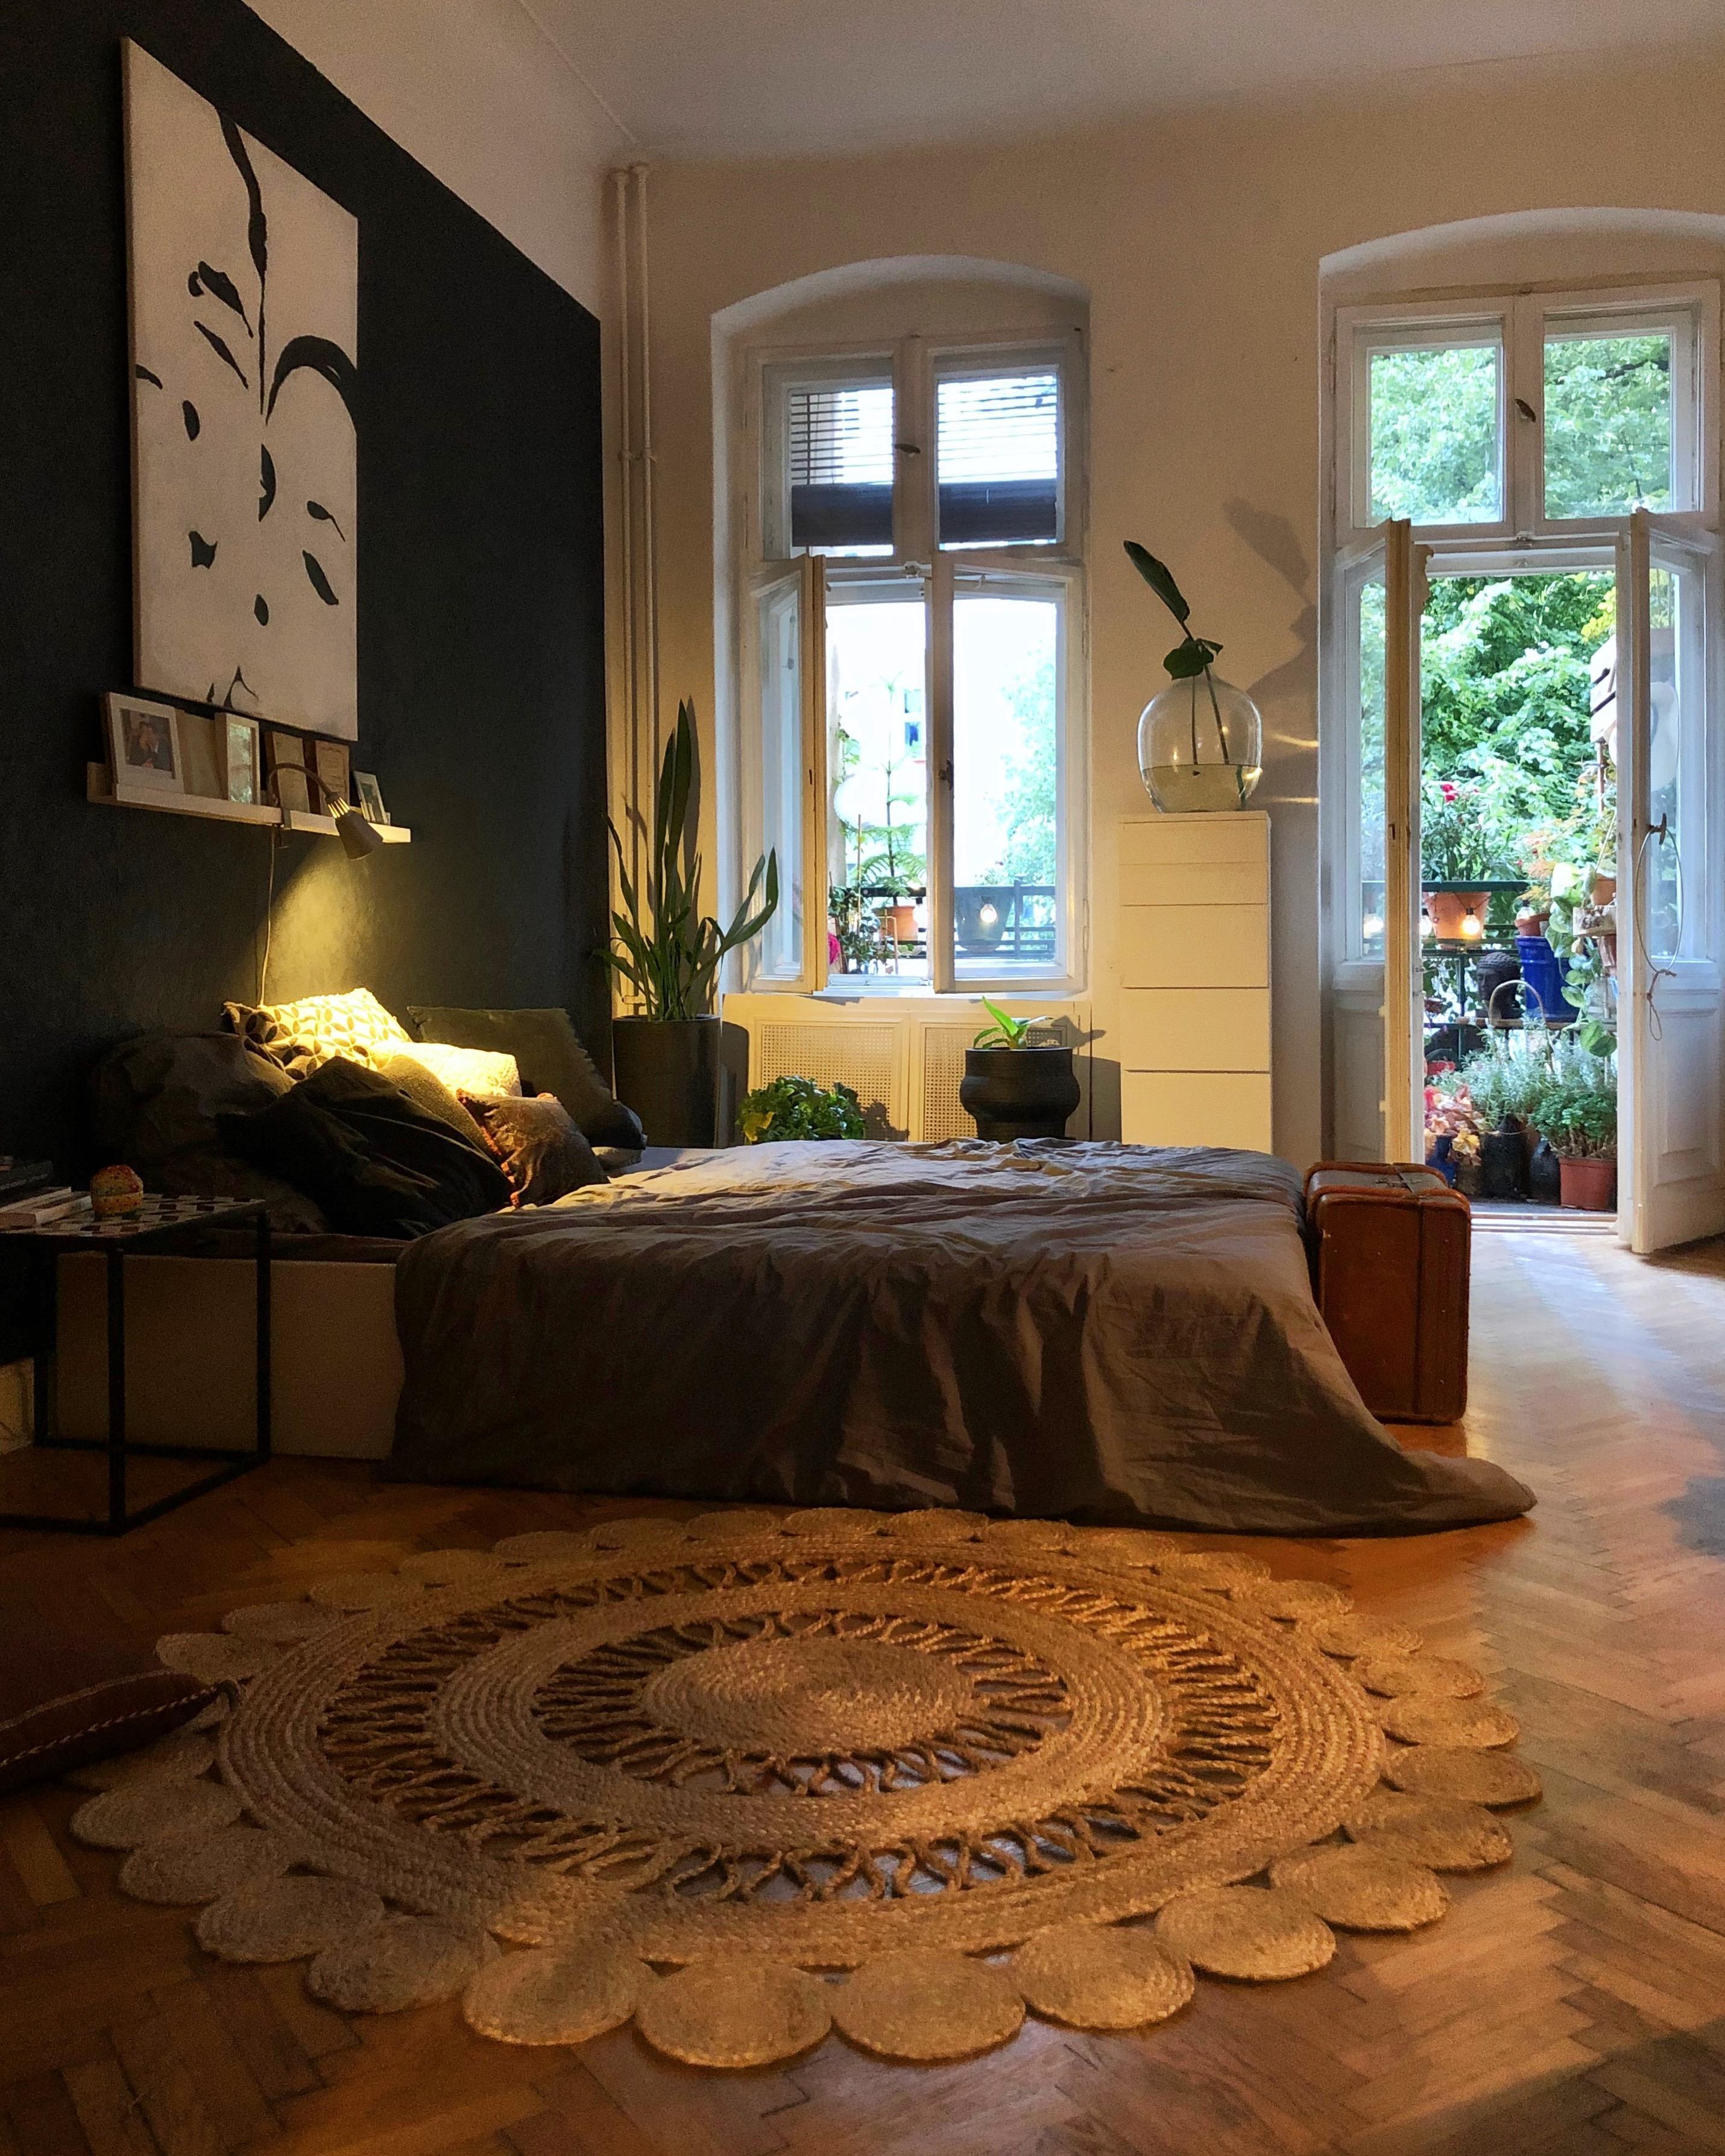 Fabulous Parkettboden schenkt jedem Zuhause einen eleganten und natürlichen LJ16